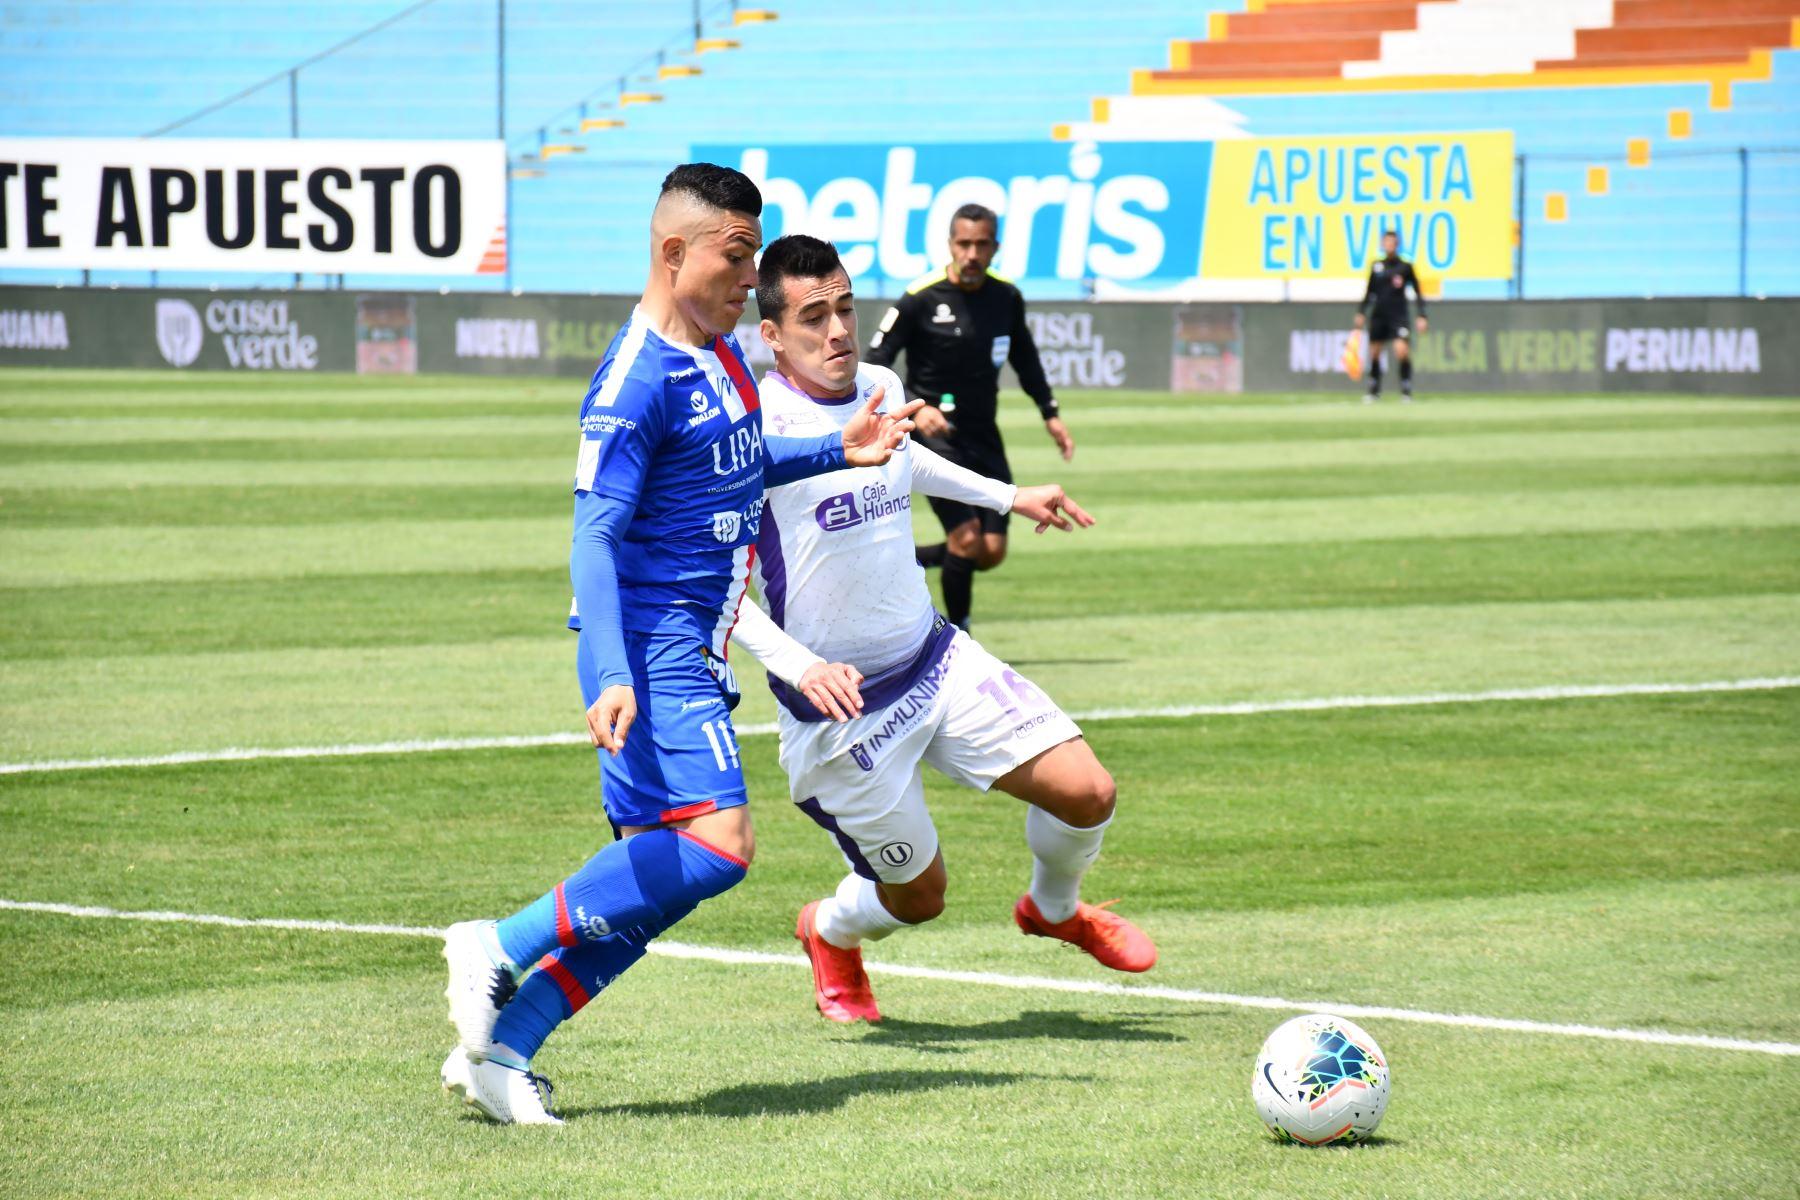 El futbolista J. Nuñez de Mannucci se enfrenta a I. Santillán de Universitario por la jornada 13 de la Liga 1, en el estadio Alberto Gallardo. Foto: @LigaFutProf